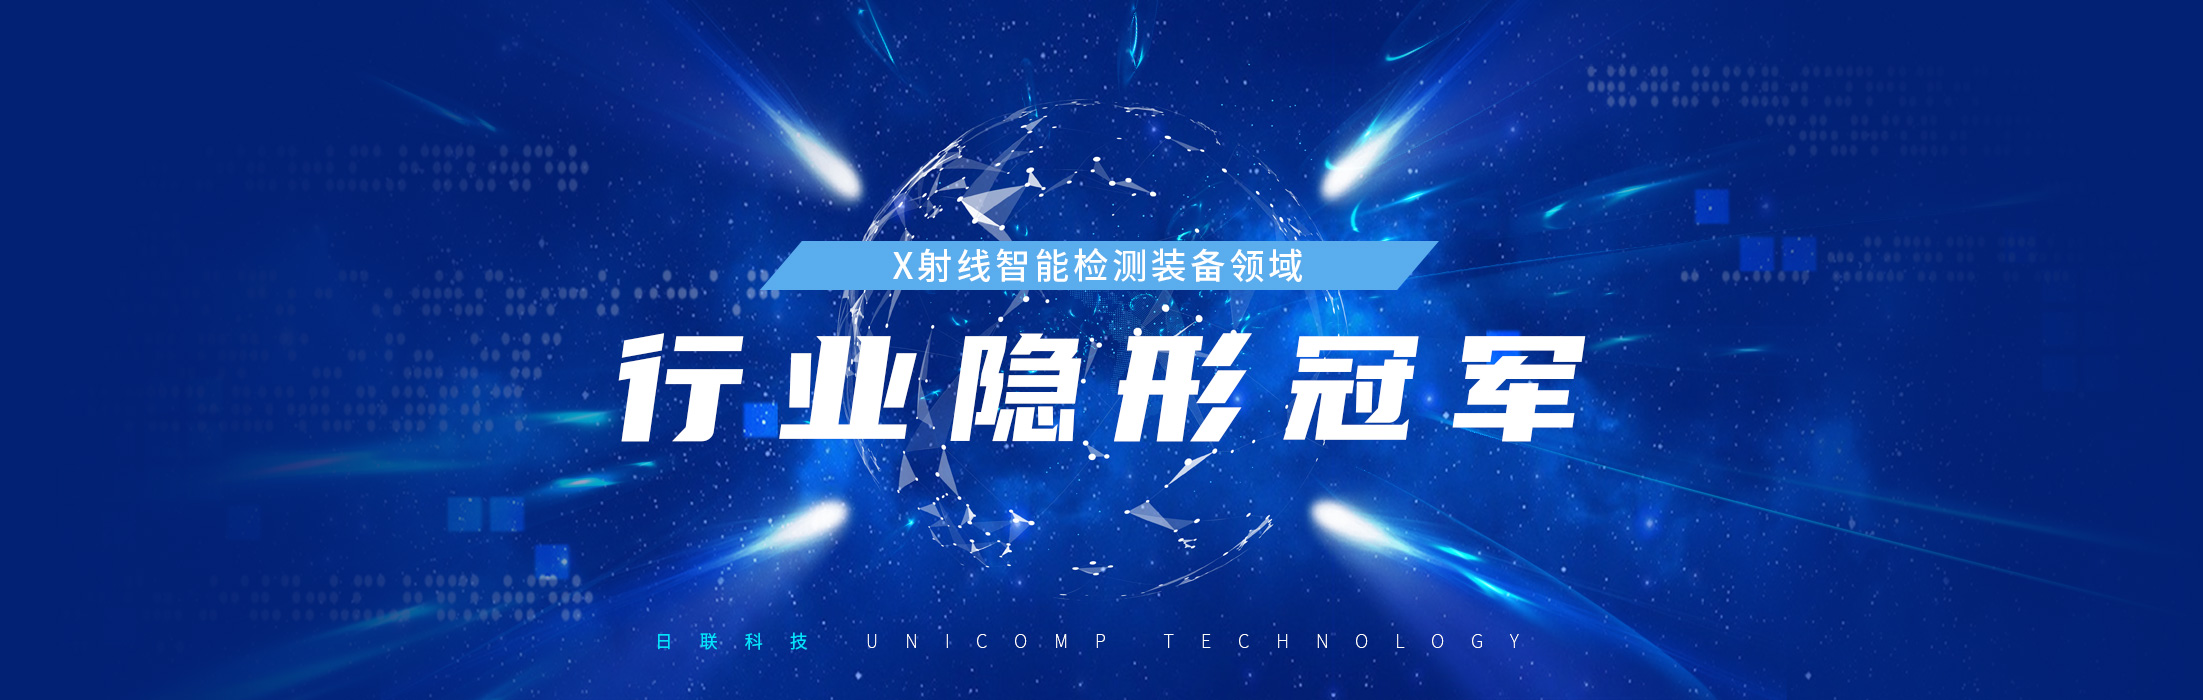 米乐m6电竞竞猜m6米乐app官网下载X-Ray检测行业隐形冠军